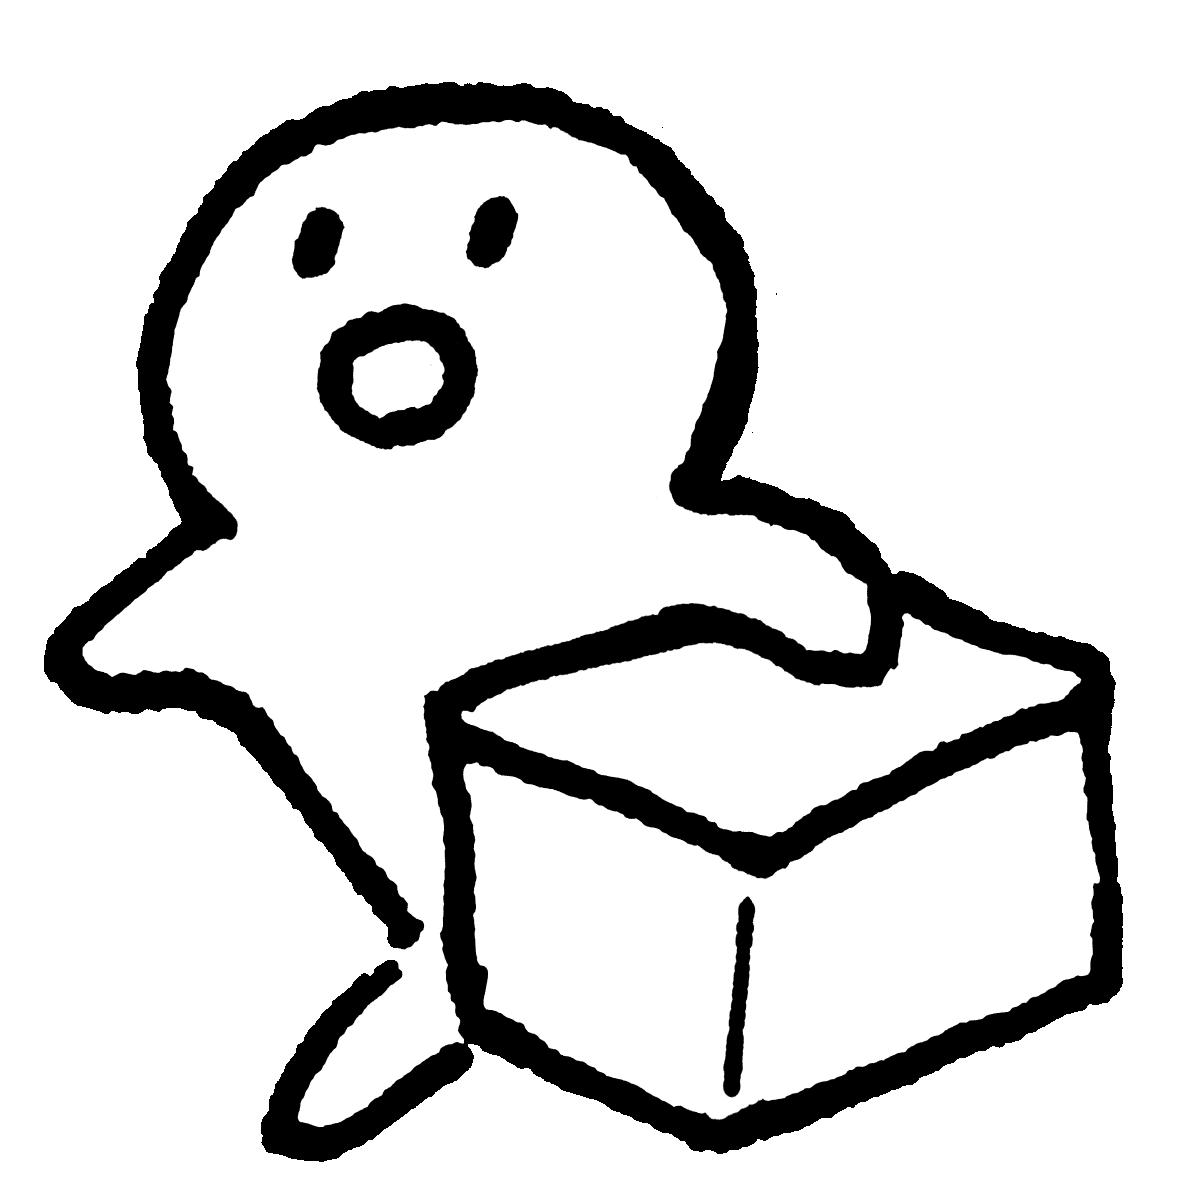 箱を片手に走る(2種)のイラスト / Run (2 types) with a box in one hand Illustration